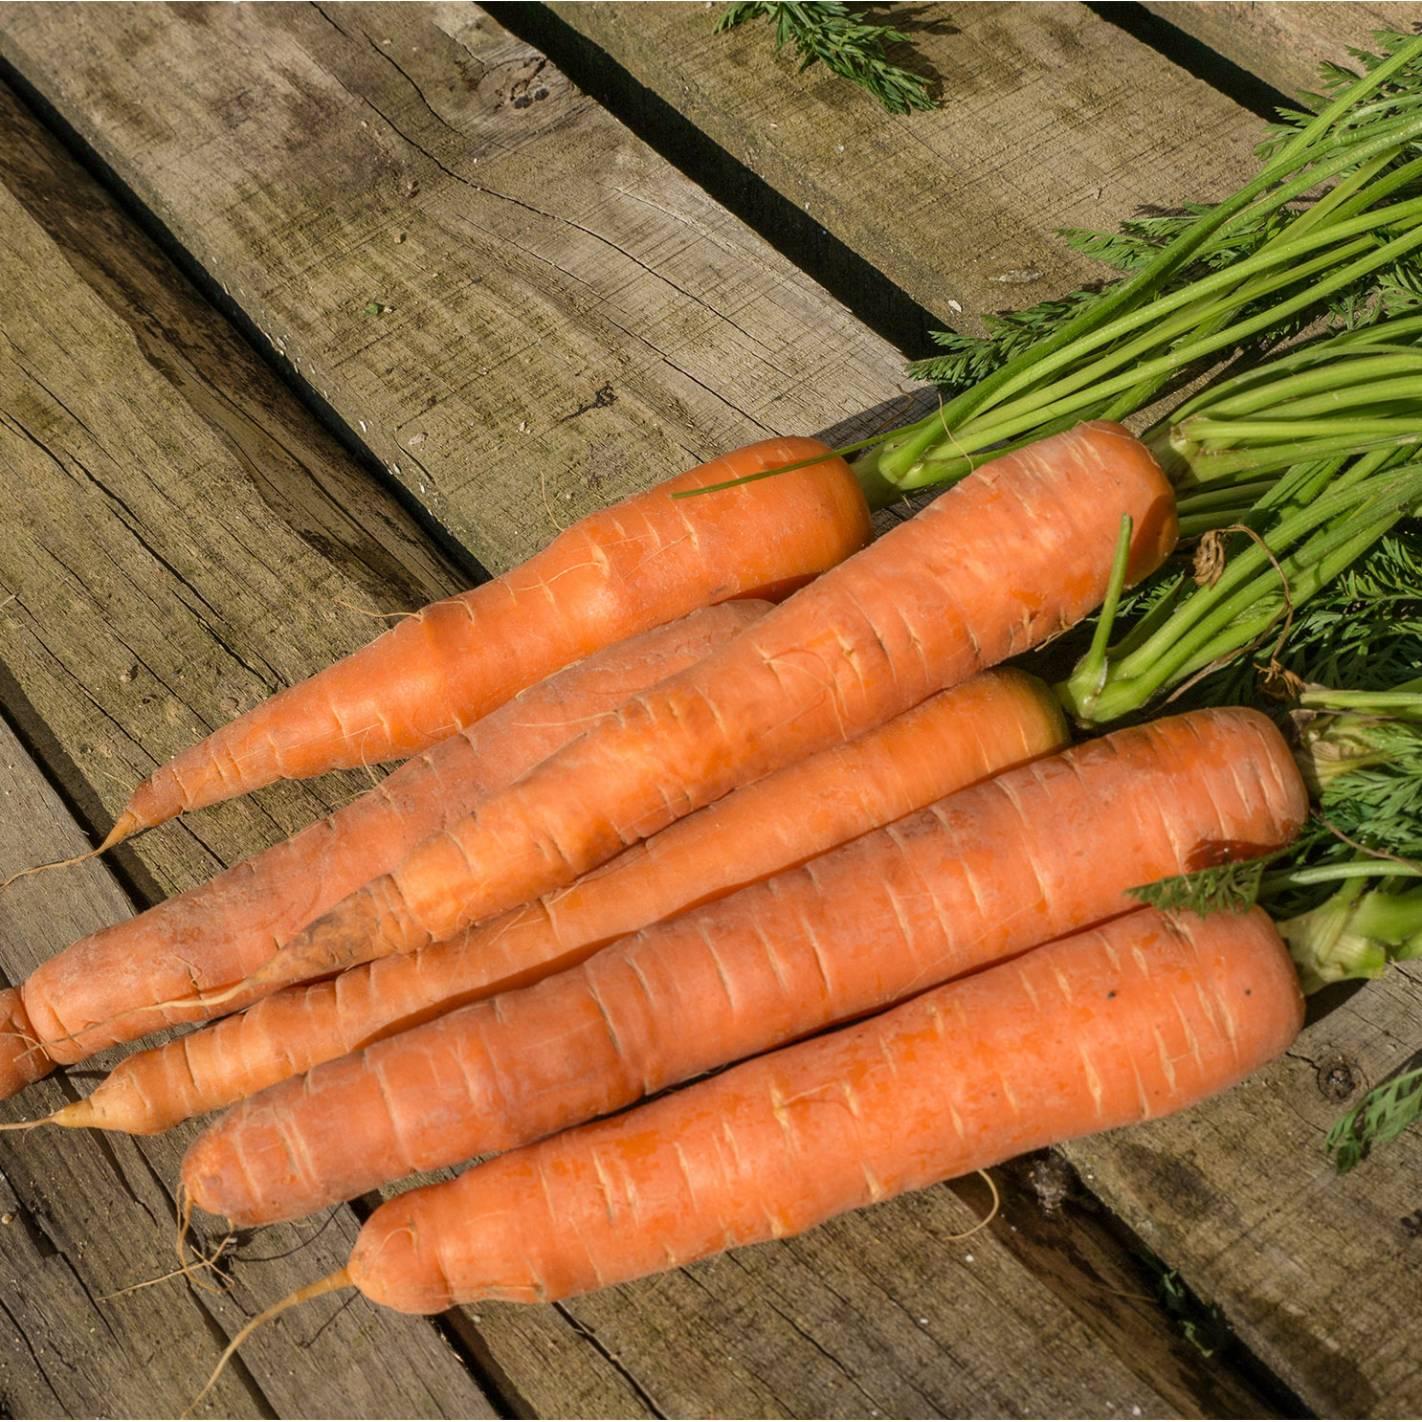 Cenoura 'Dolciva'